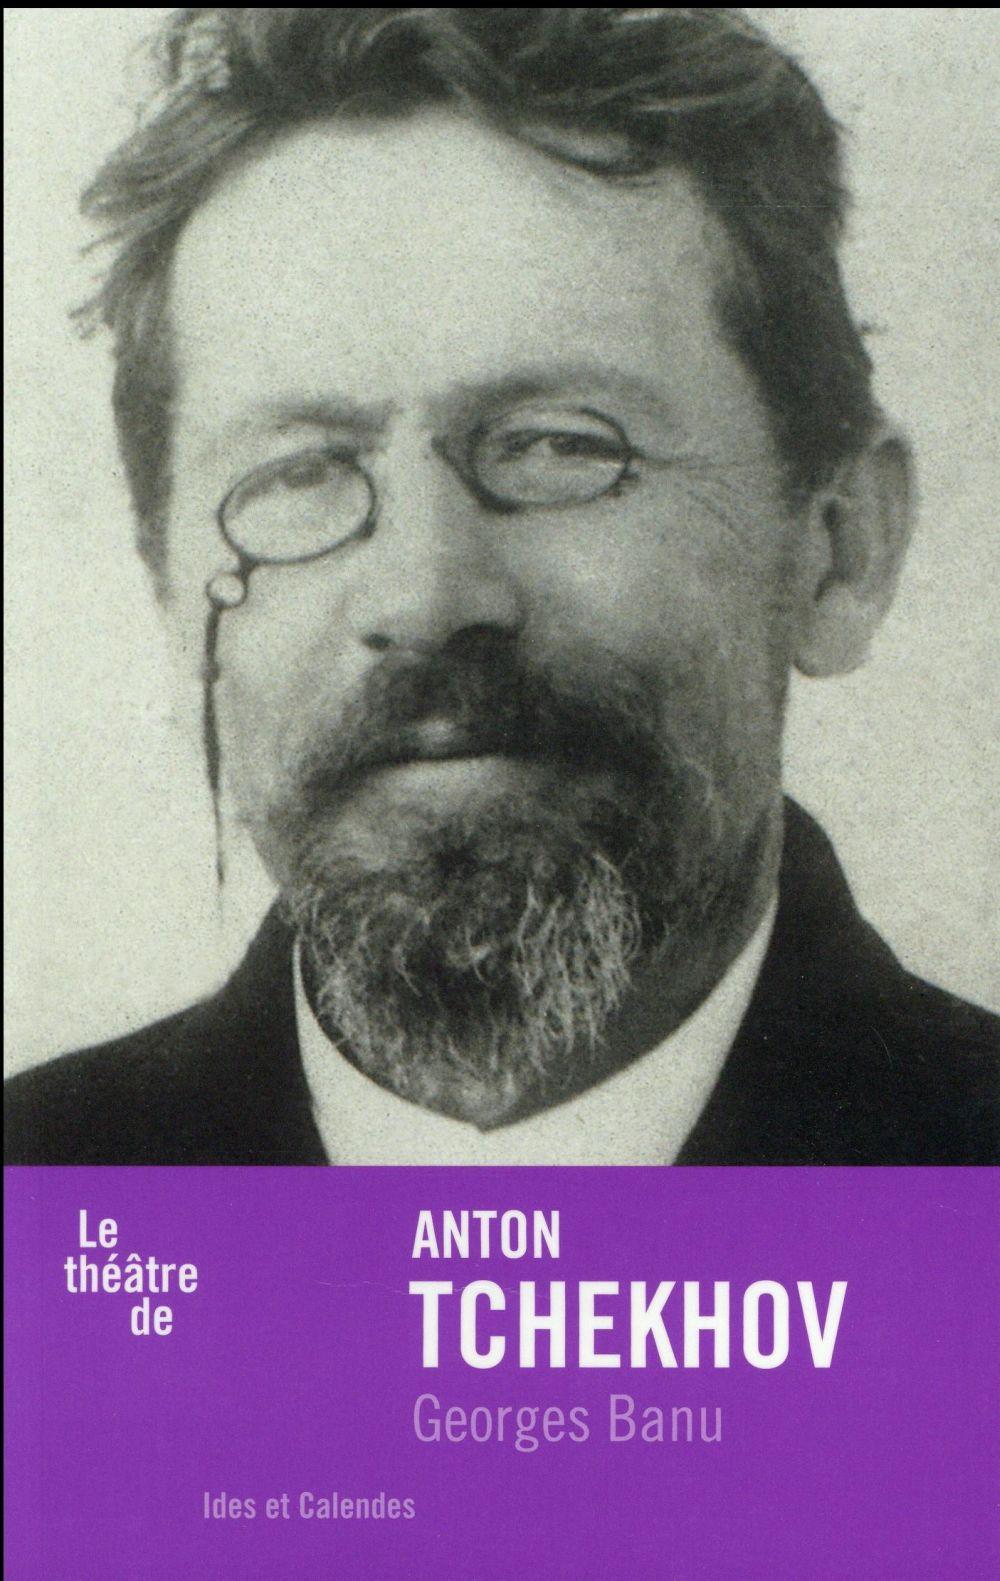 LE THEATRE DE ANTON TCHEKHOV